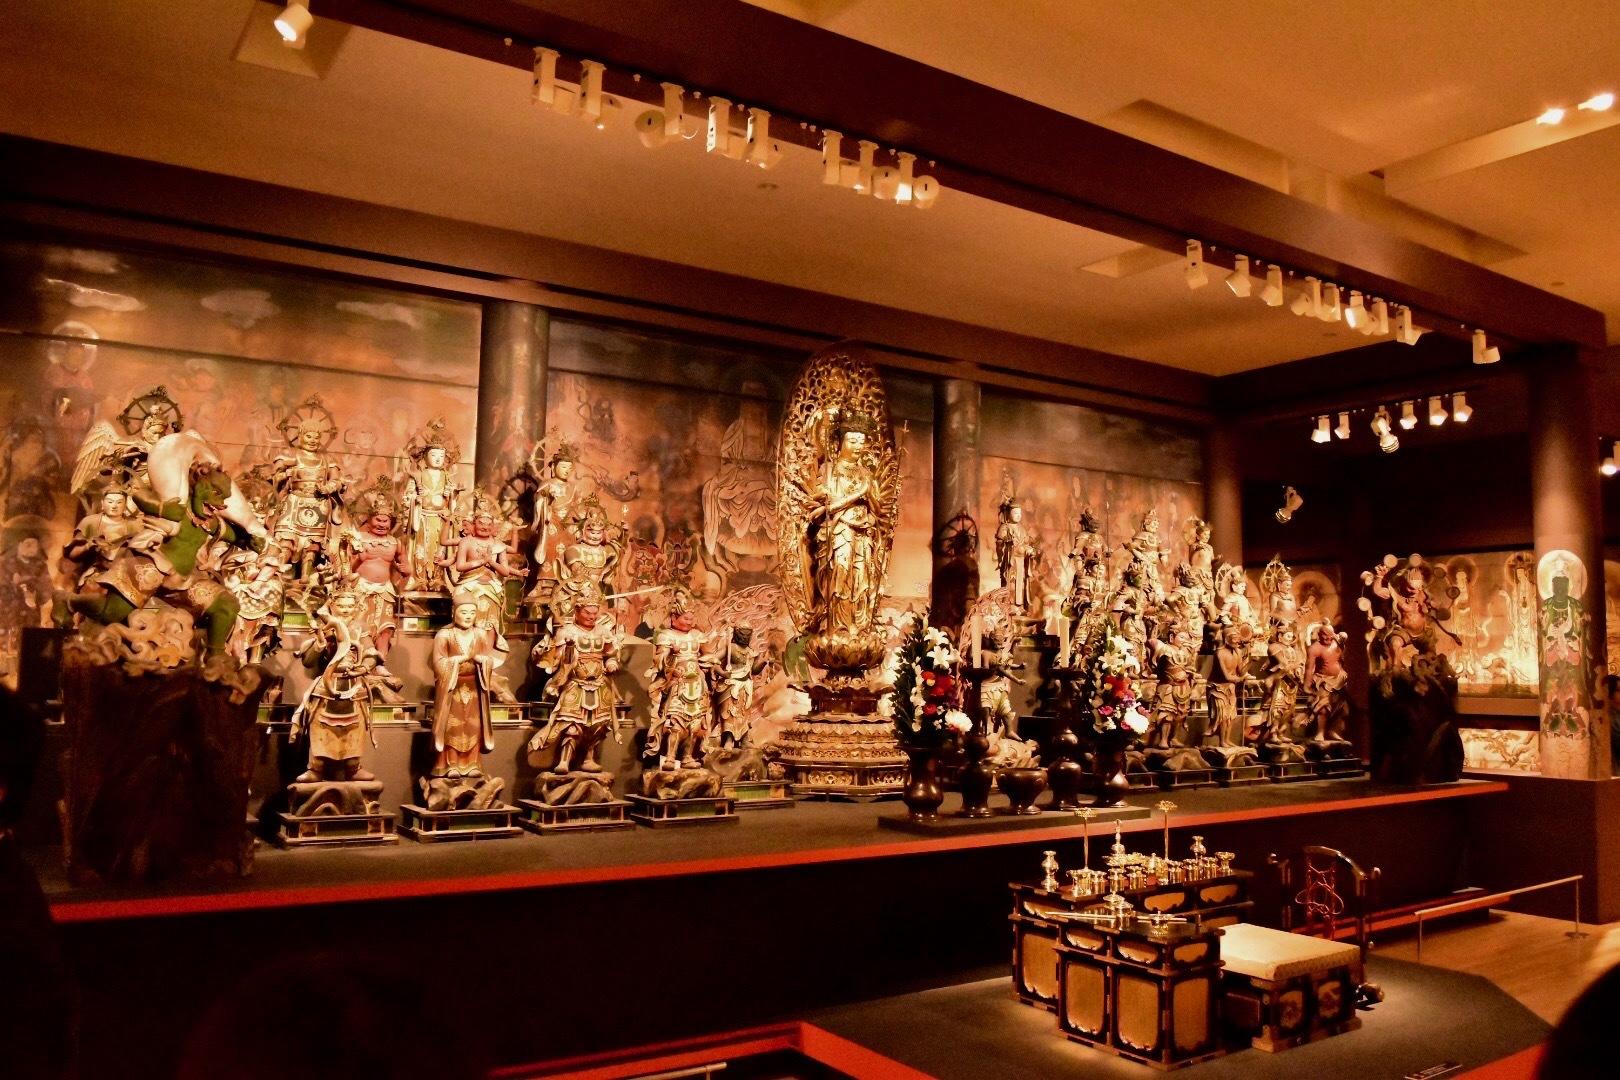 仁和寺 観音堂の再現コーナーに展示されている33体の仏像